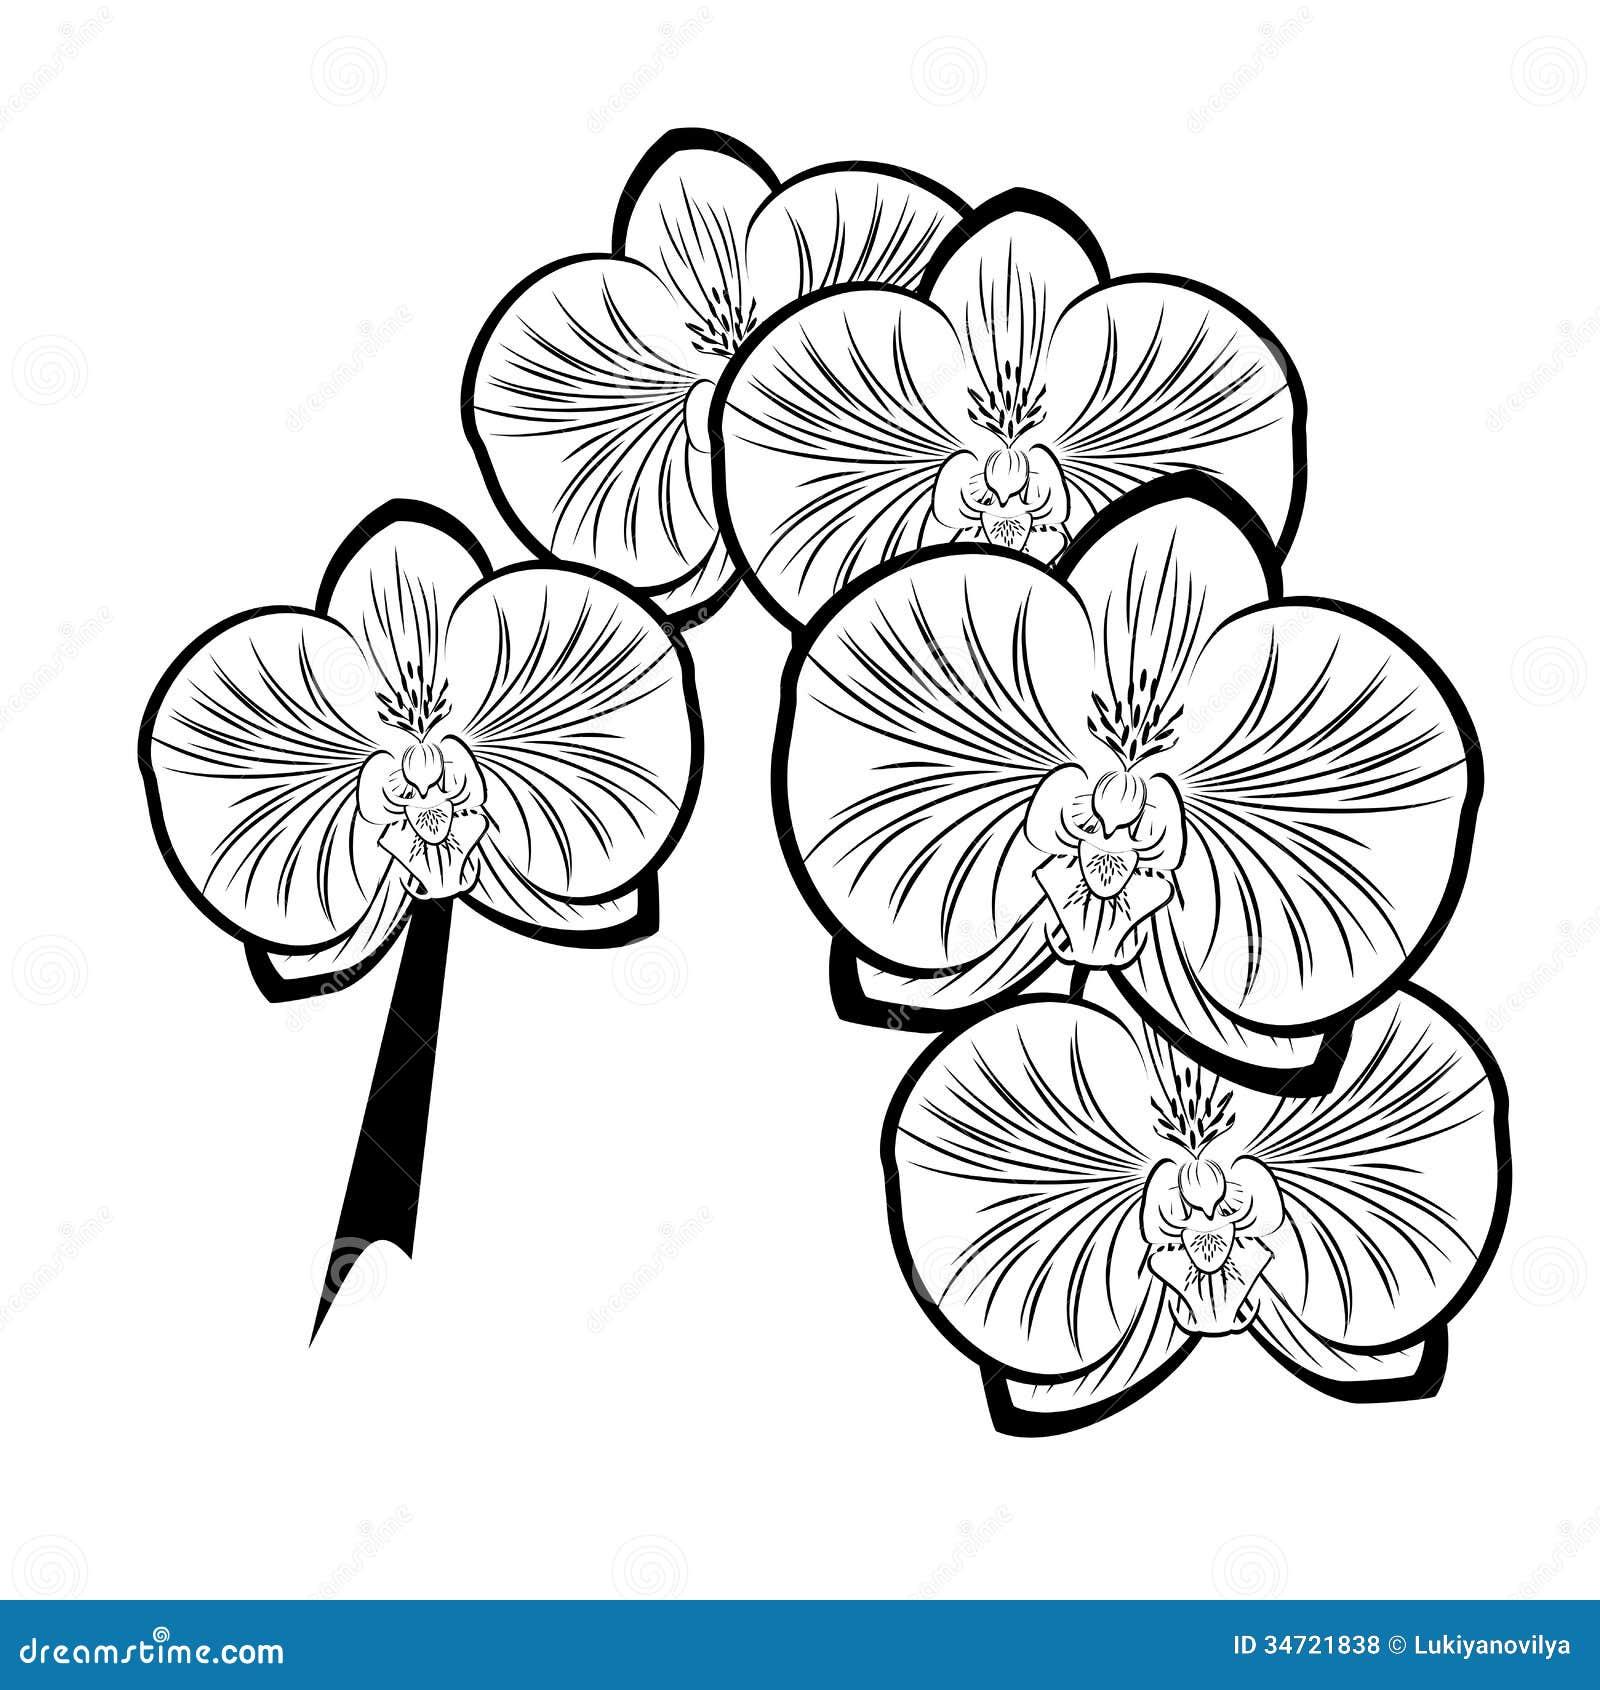 dessin noir et blanc des fleurs d 39 orchid e illustration de vecteur illustration du d coratif. Black Bedroom Furniture Sets. Home Design Ideas